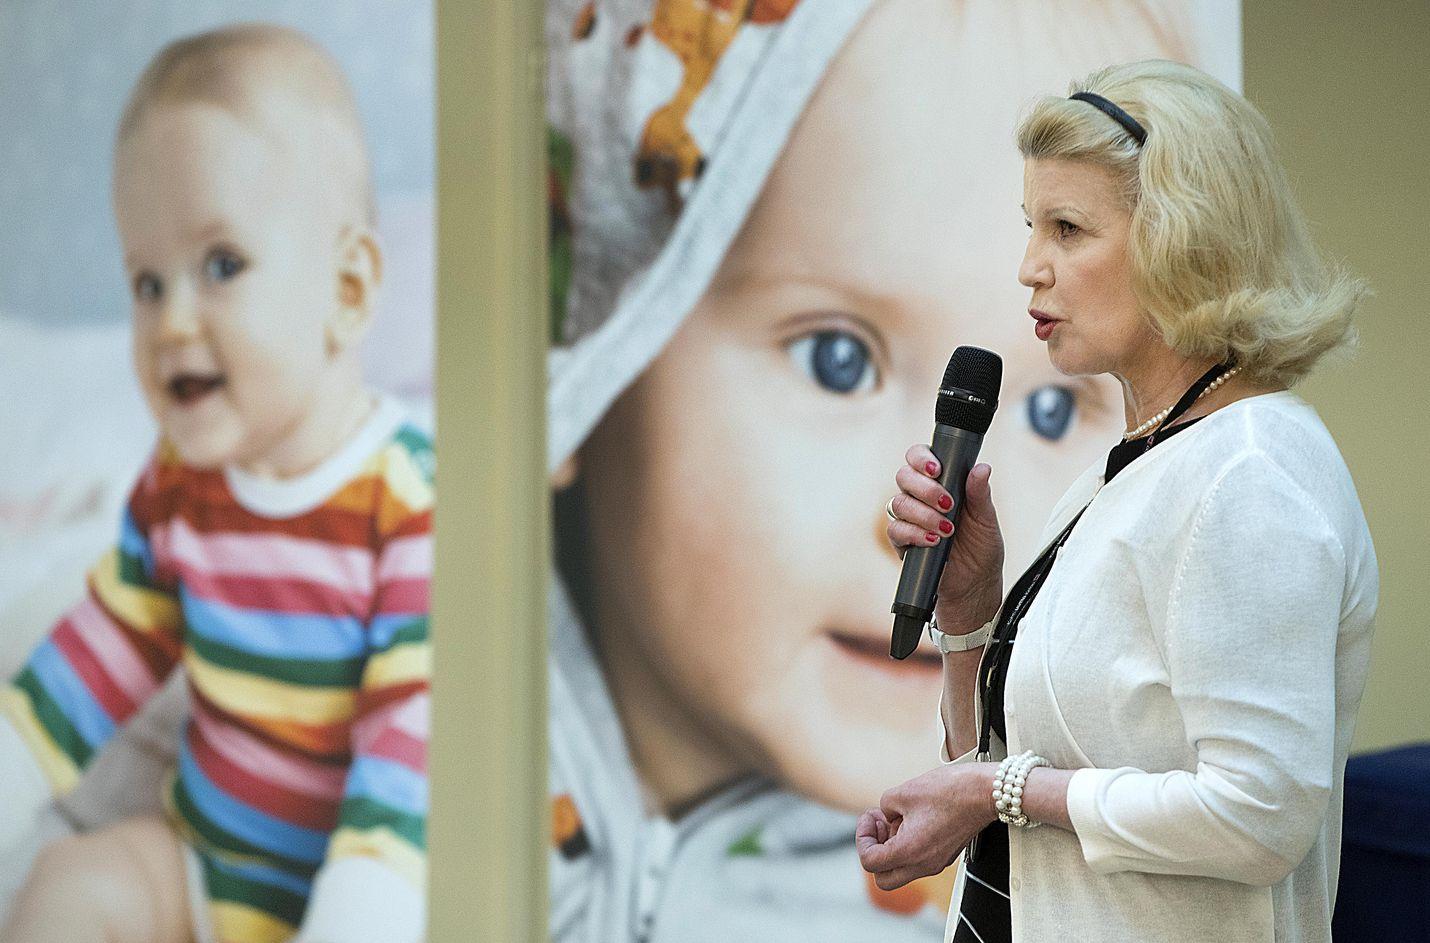 Elli Aaltonen työskenteli Kelan pääjohtajana vuoden 2017 alusta vuoden 2019 loppuun saakka. Vuonna 2017 juhlittiin 80-vuotiasta äitiyspakkausta.